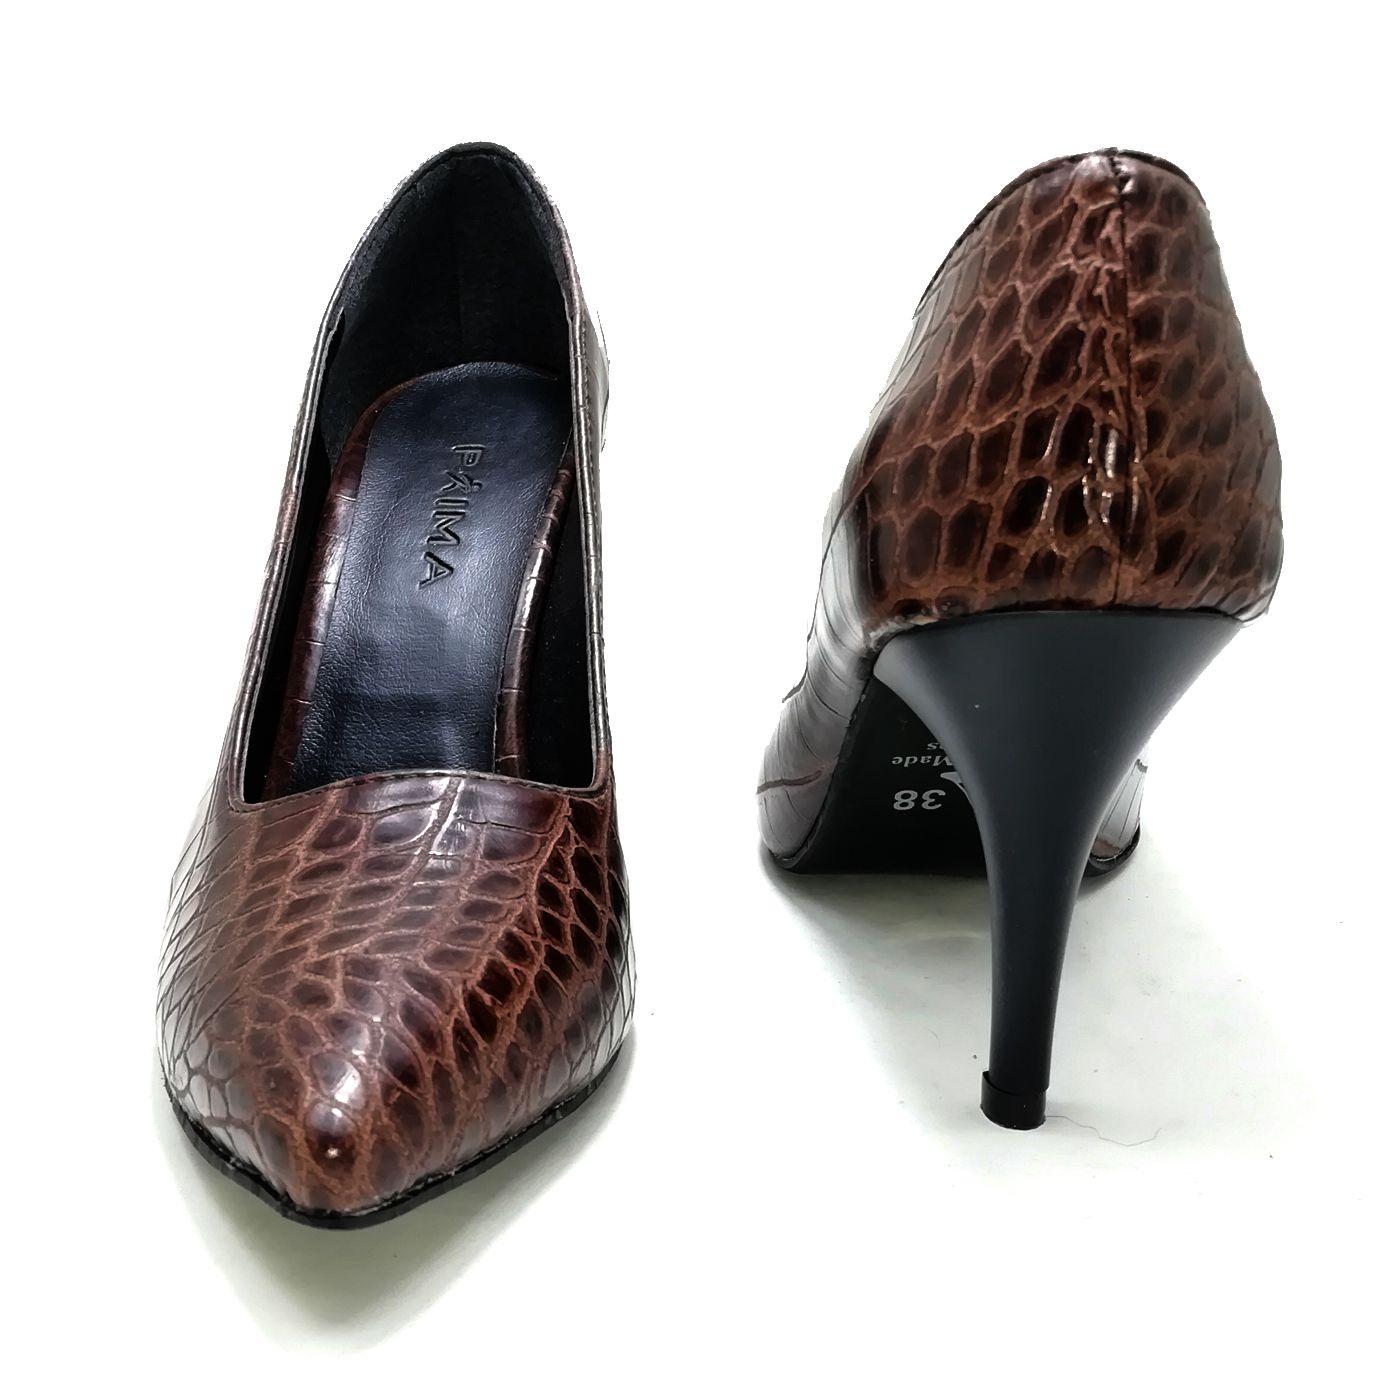 کفش زنانه پریما مدل MJ - 765b -  - 3